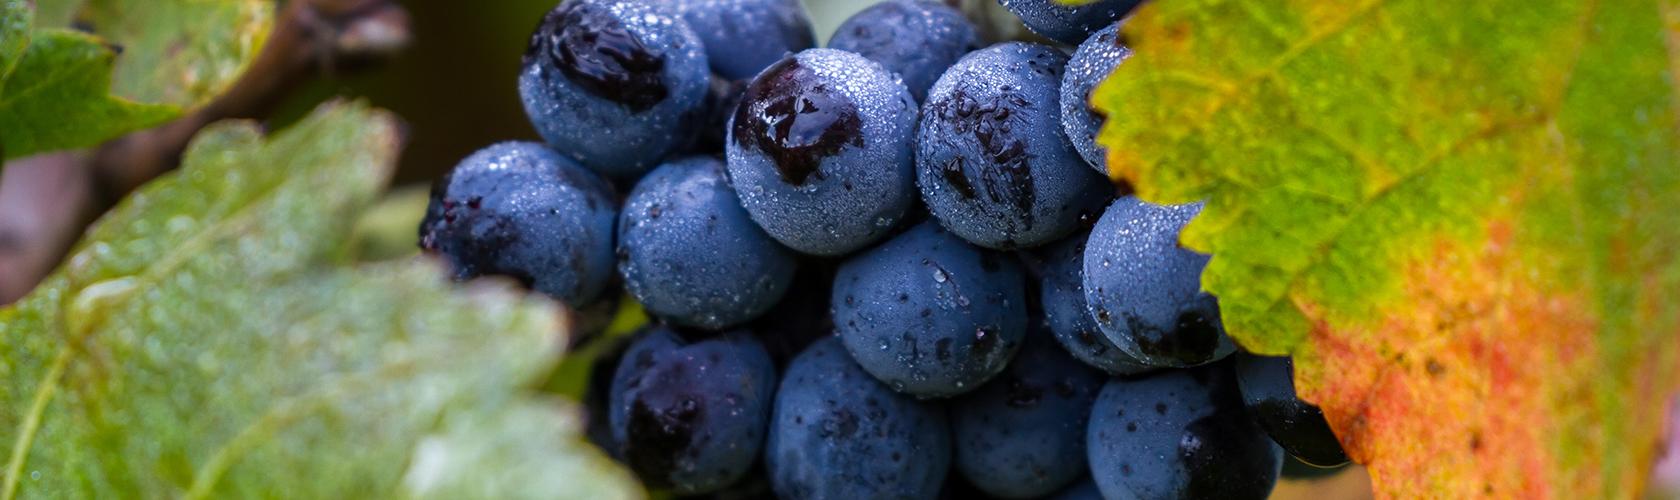 Tanino: o que é e como influi nas características do vinho